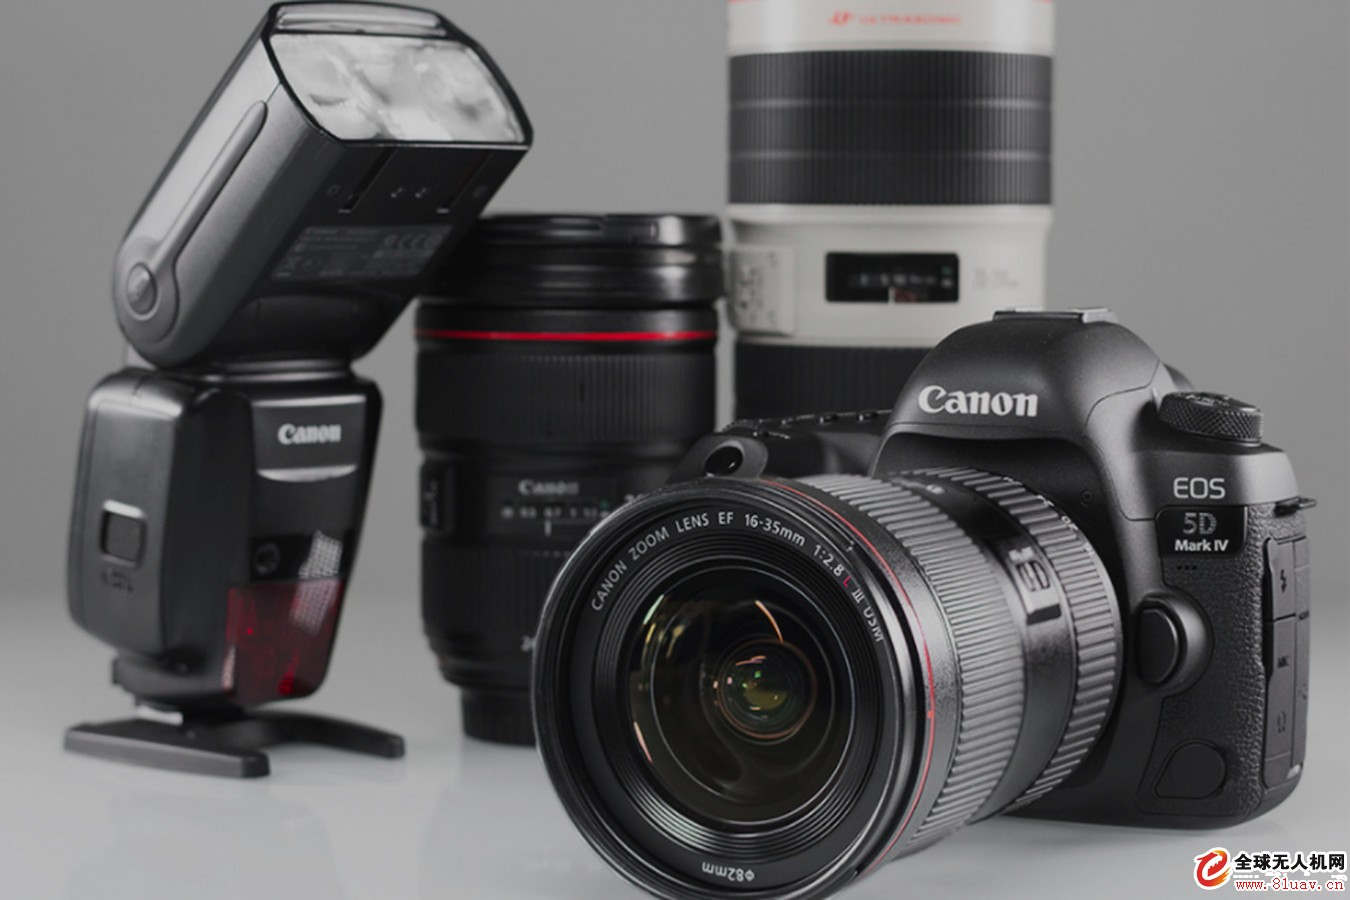 与 Best Buy 合作提供相机、无人机等产品租赁服务的初创公司 Lumoid 倒闭了